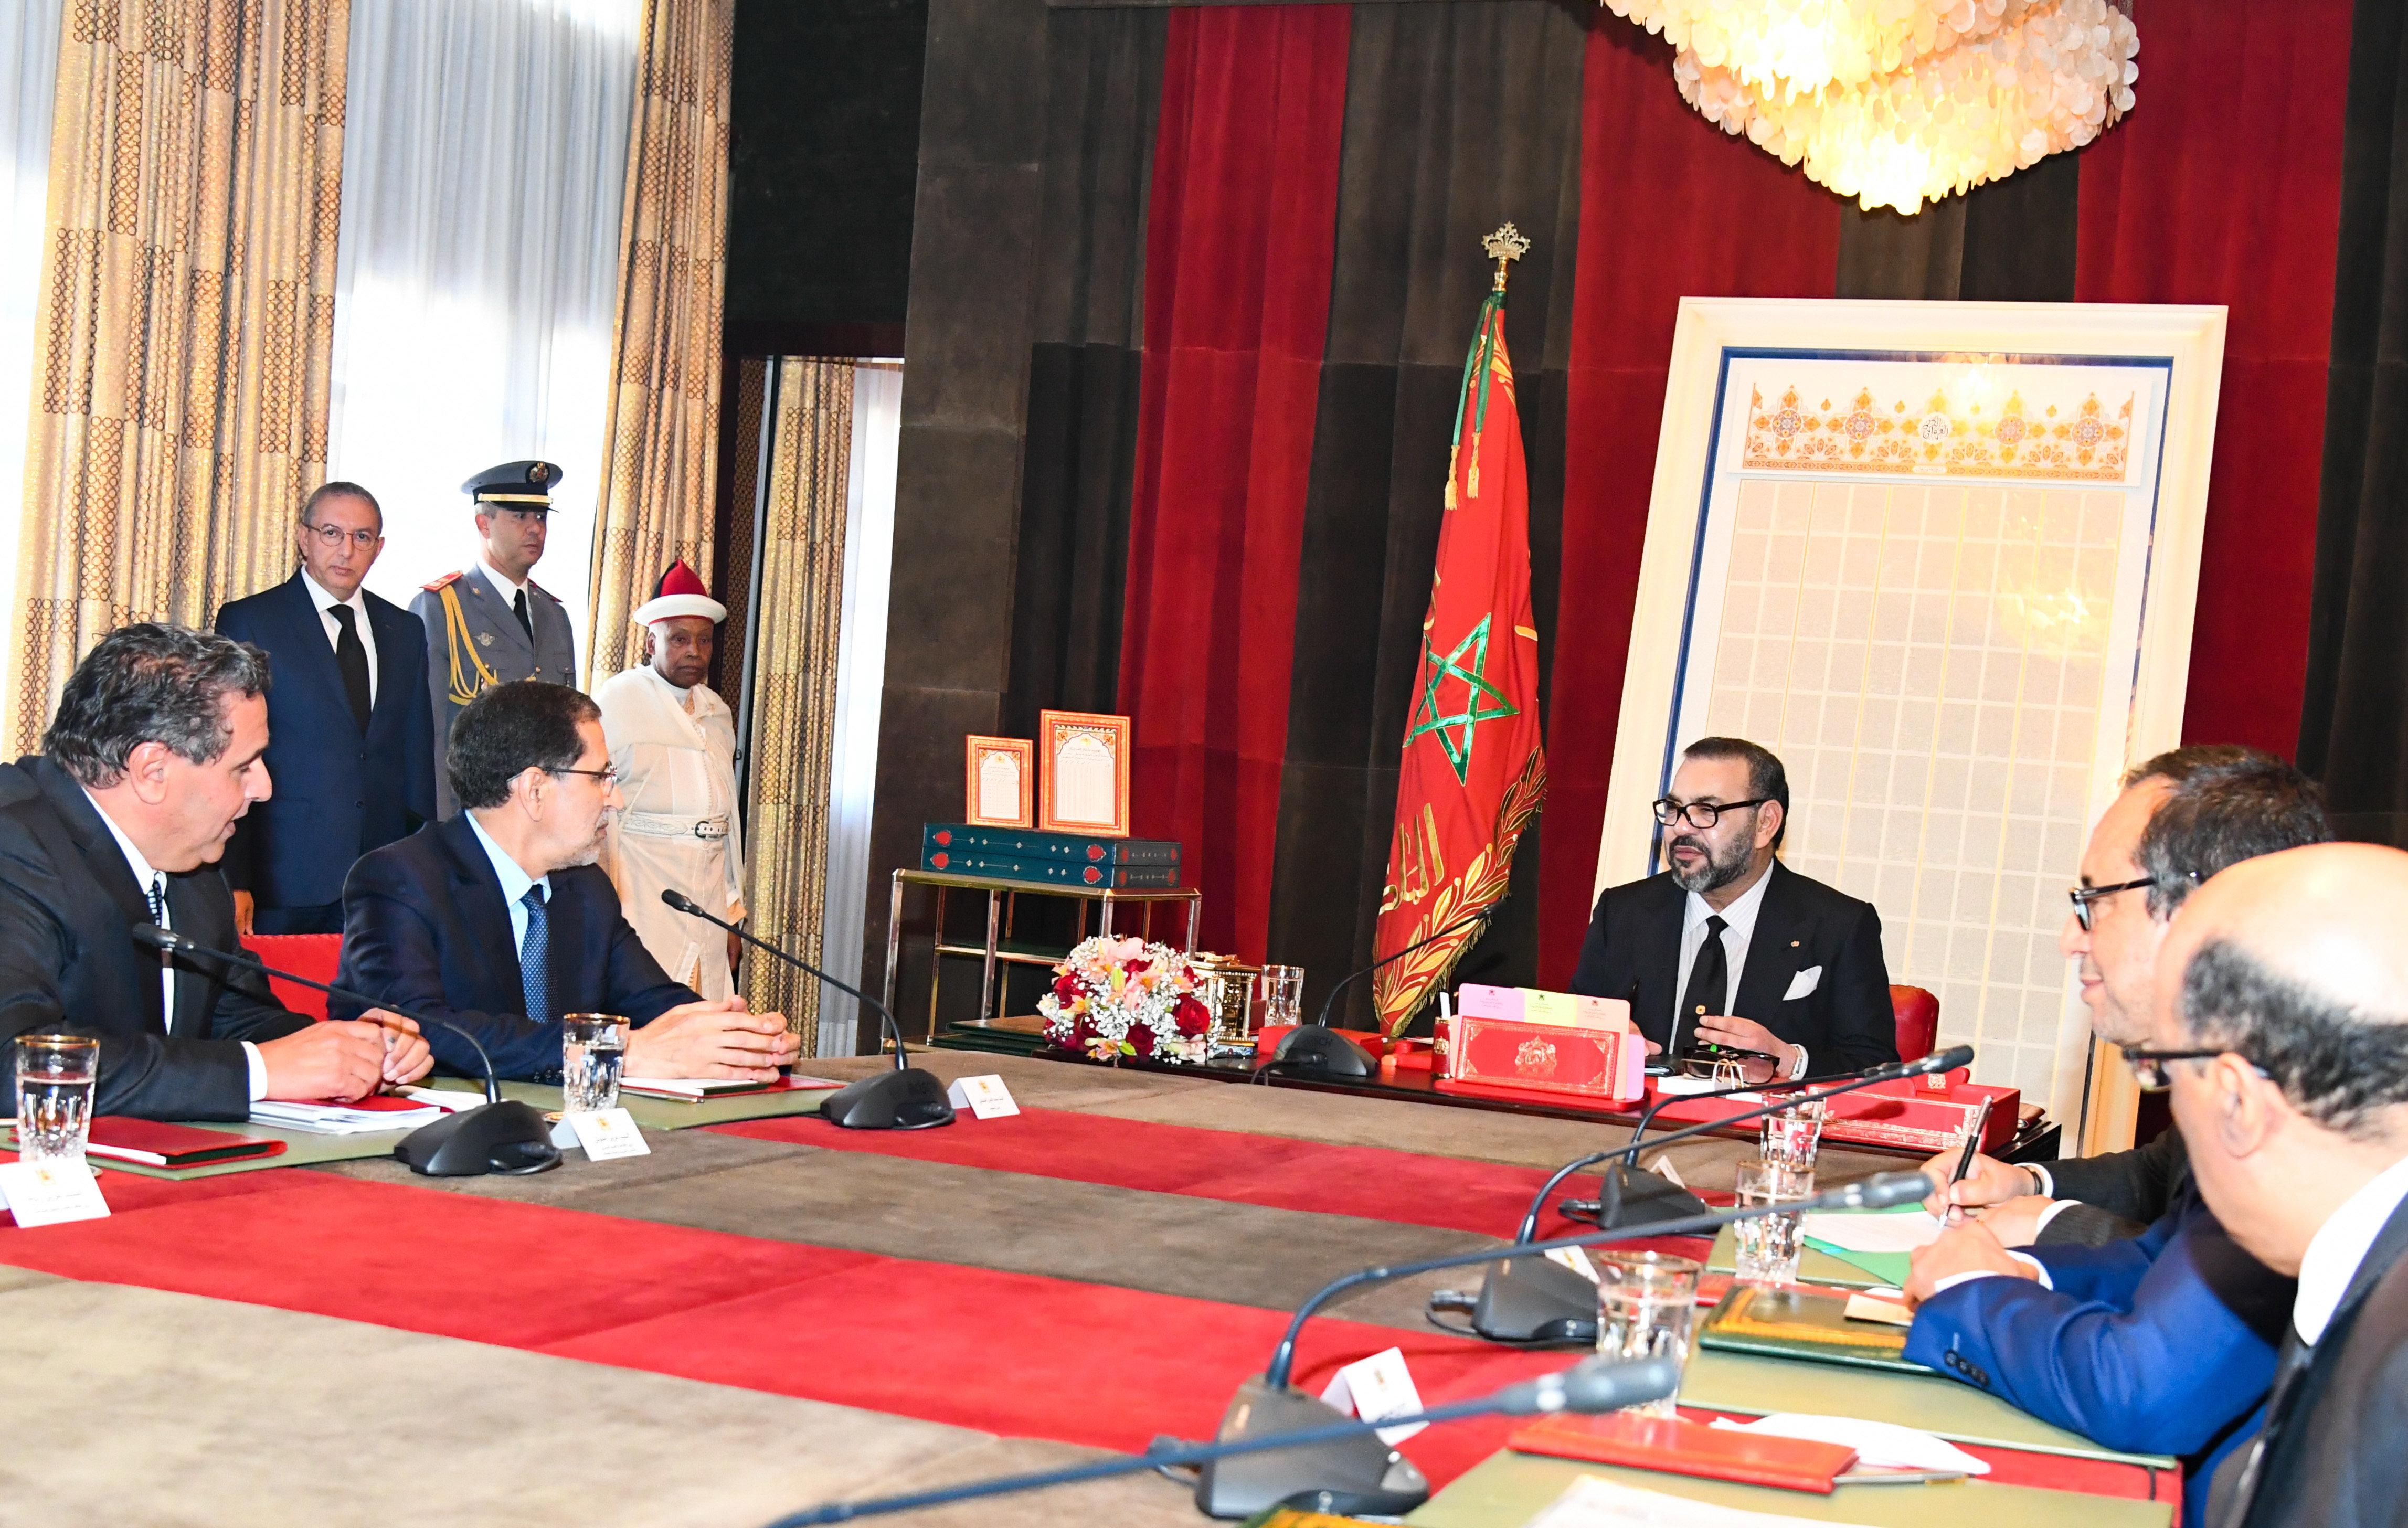 Le roi appelle le gouvernement à finaliser le programme prioritaire national relatif à